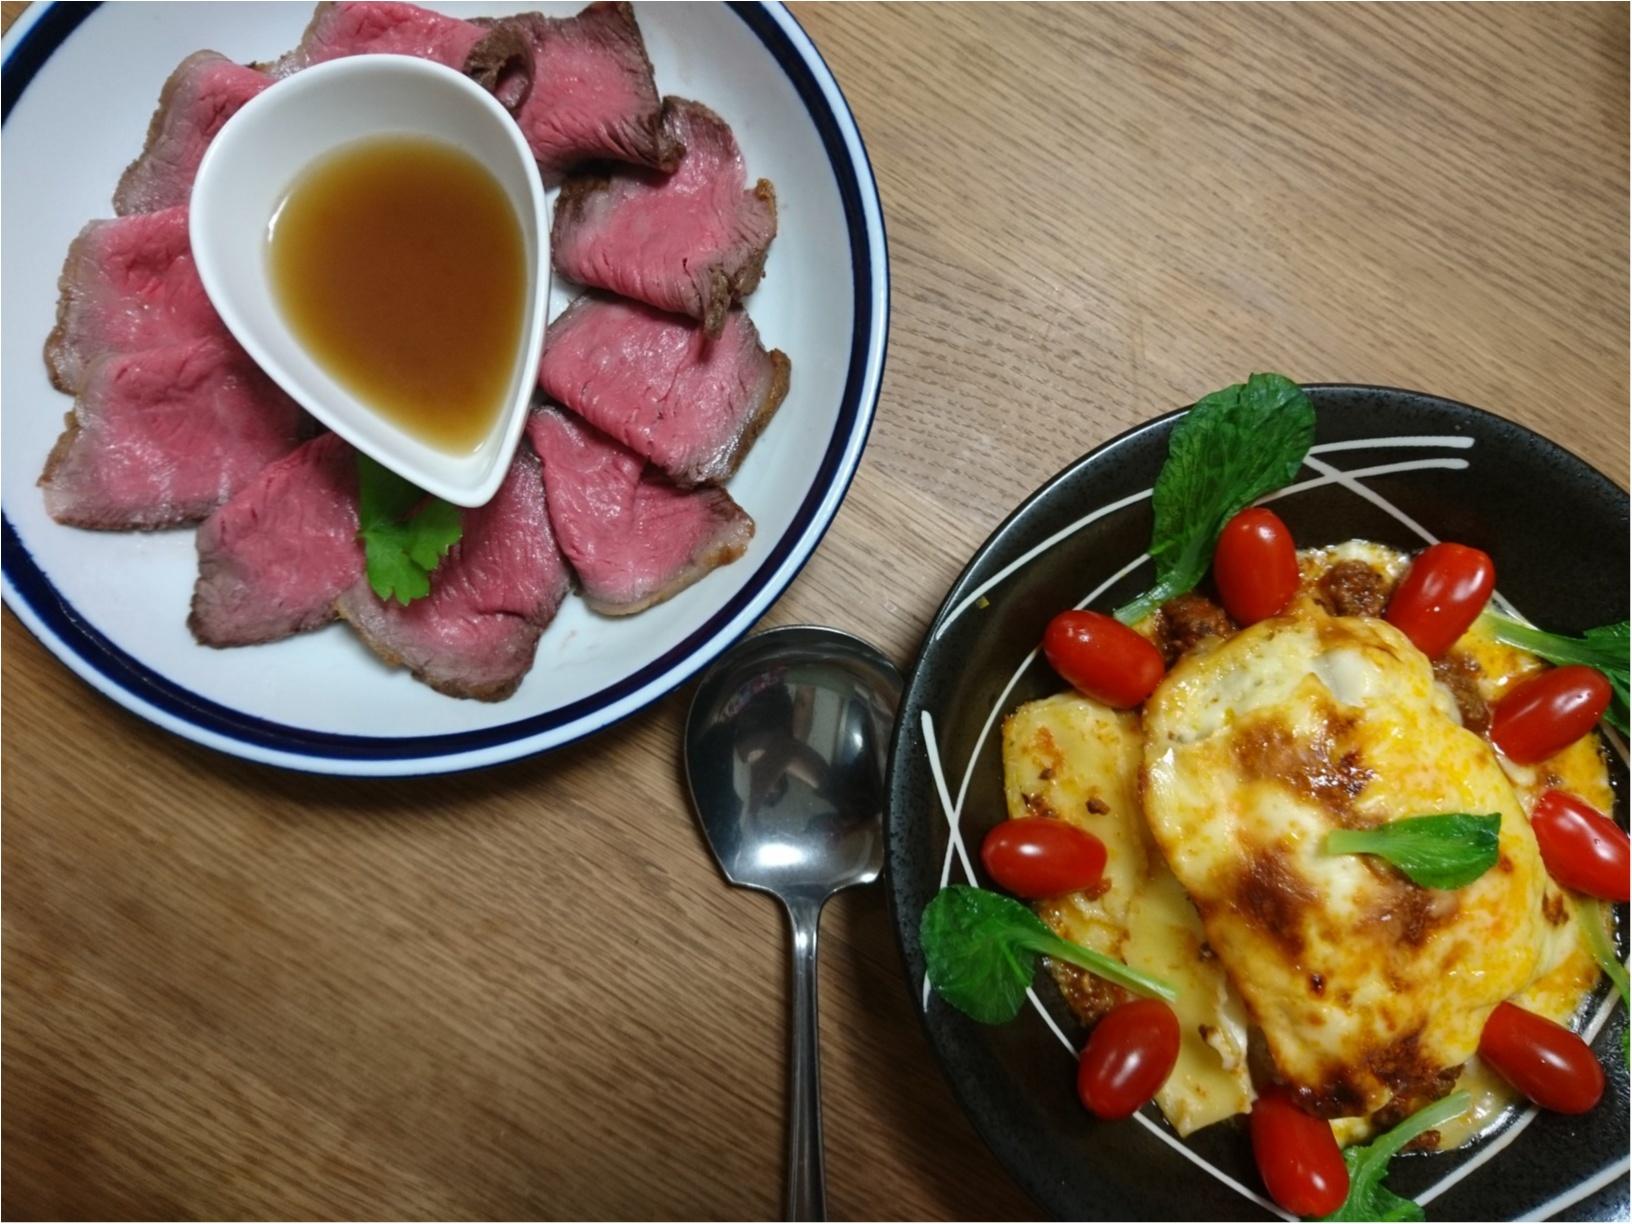 ≪関西・兵庫県≫芦屋グランドフードホールで人気の惣菜:ローストビーフとラザニア♡_4